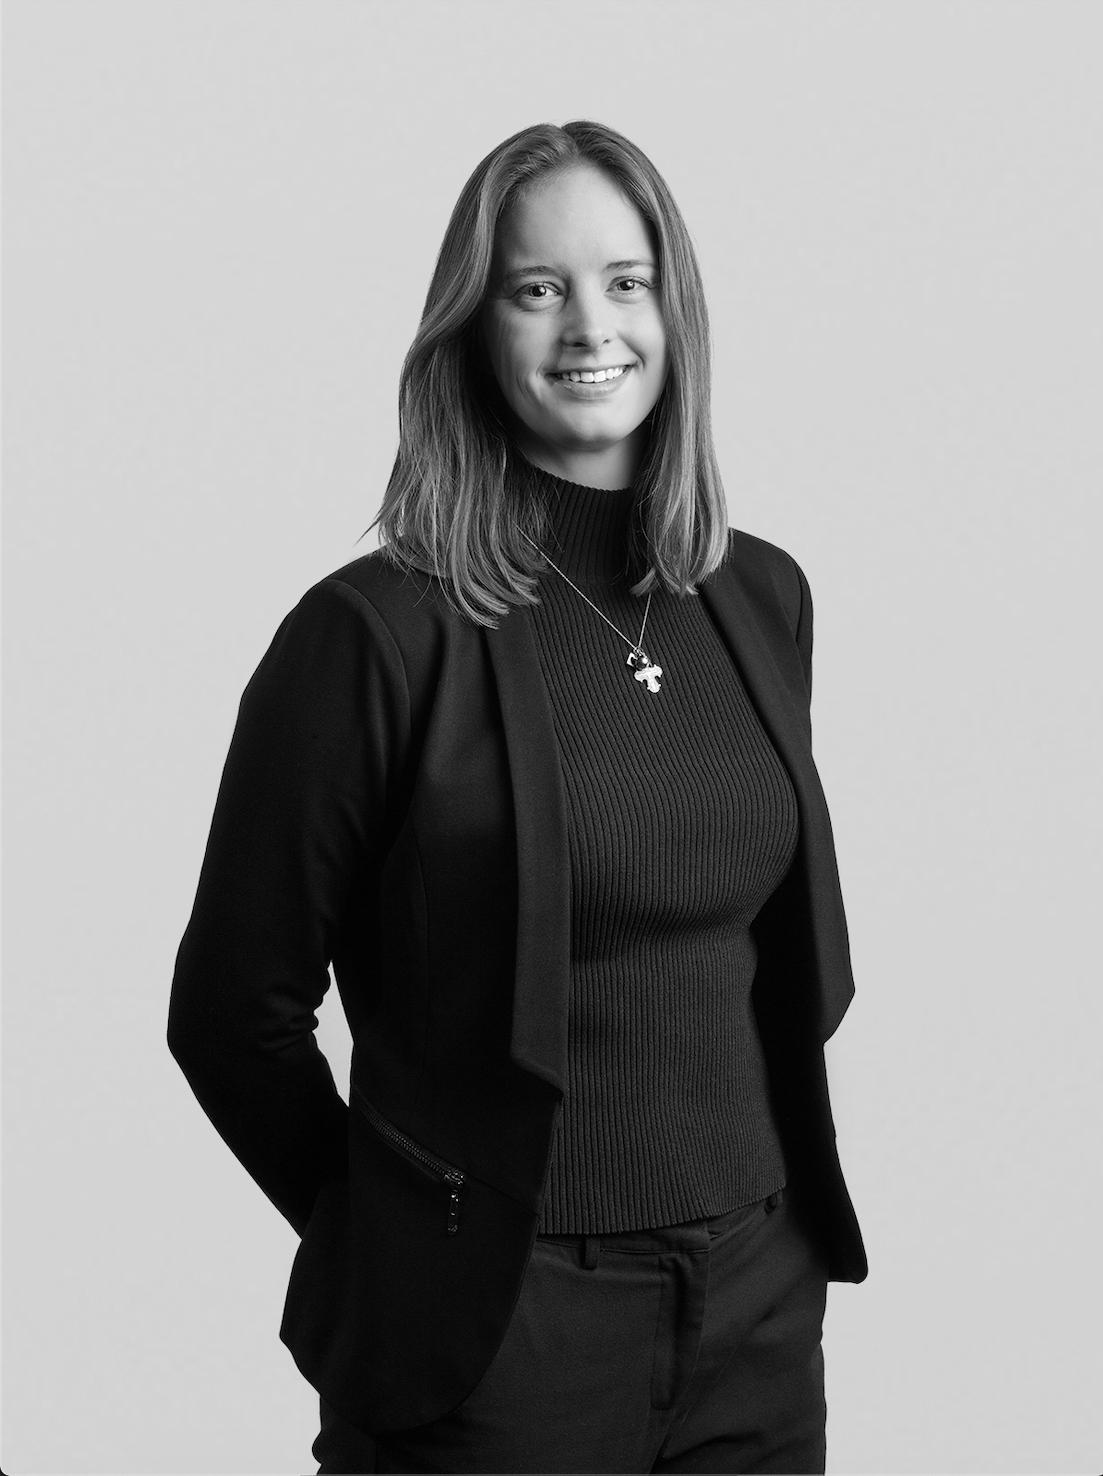 Carolina Nygaard